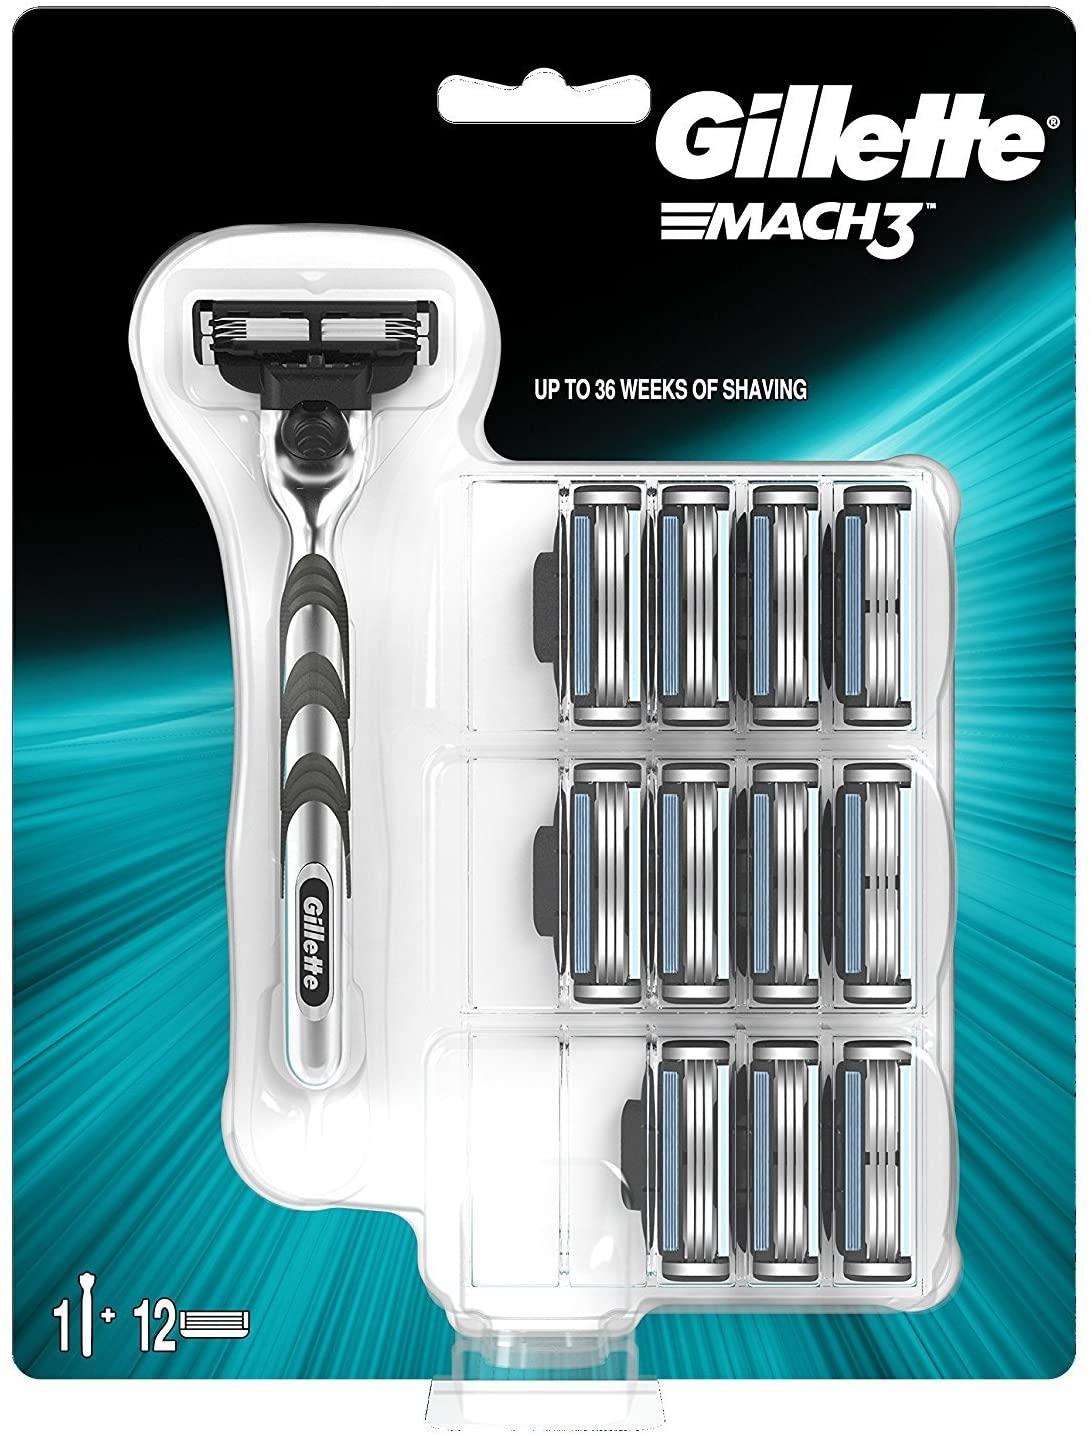 Gillette Mach 3 Big pack razor and 11 blades - £7.50 @ Asda (Northwich)